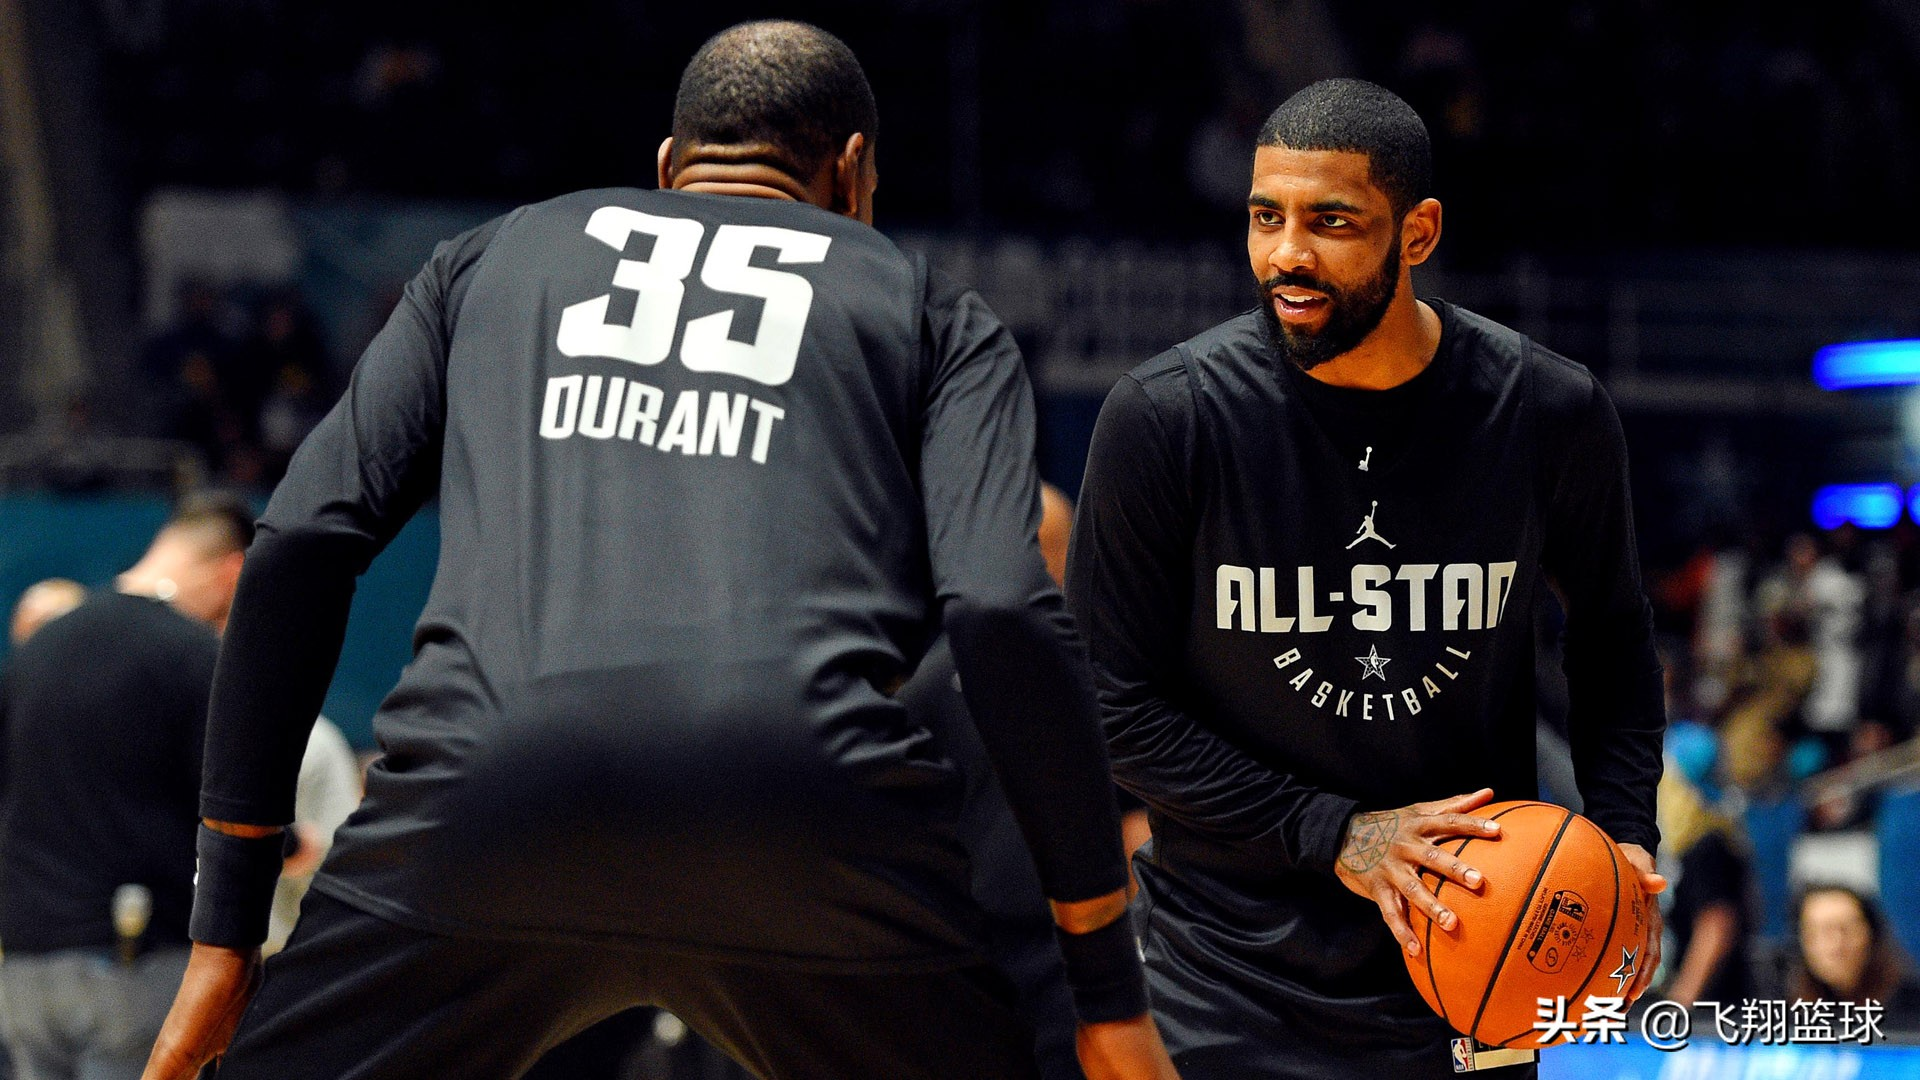 提前買斷?籃網或報價34+10猛獸,杜蘭特:兄弟再奪一冠